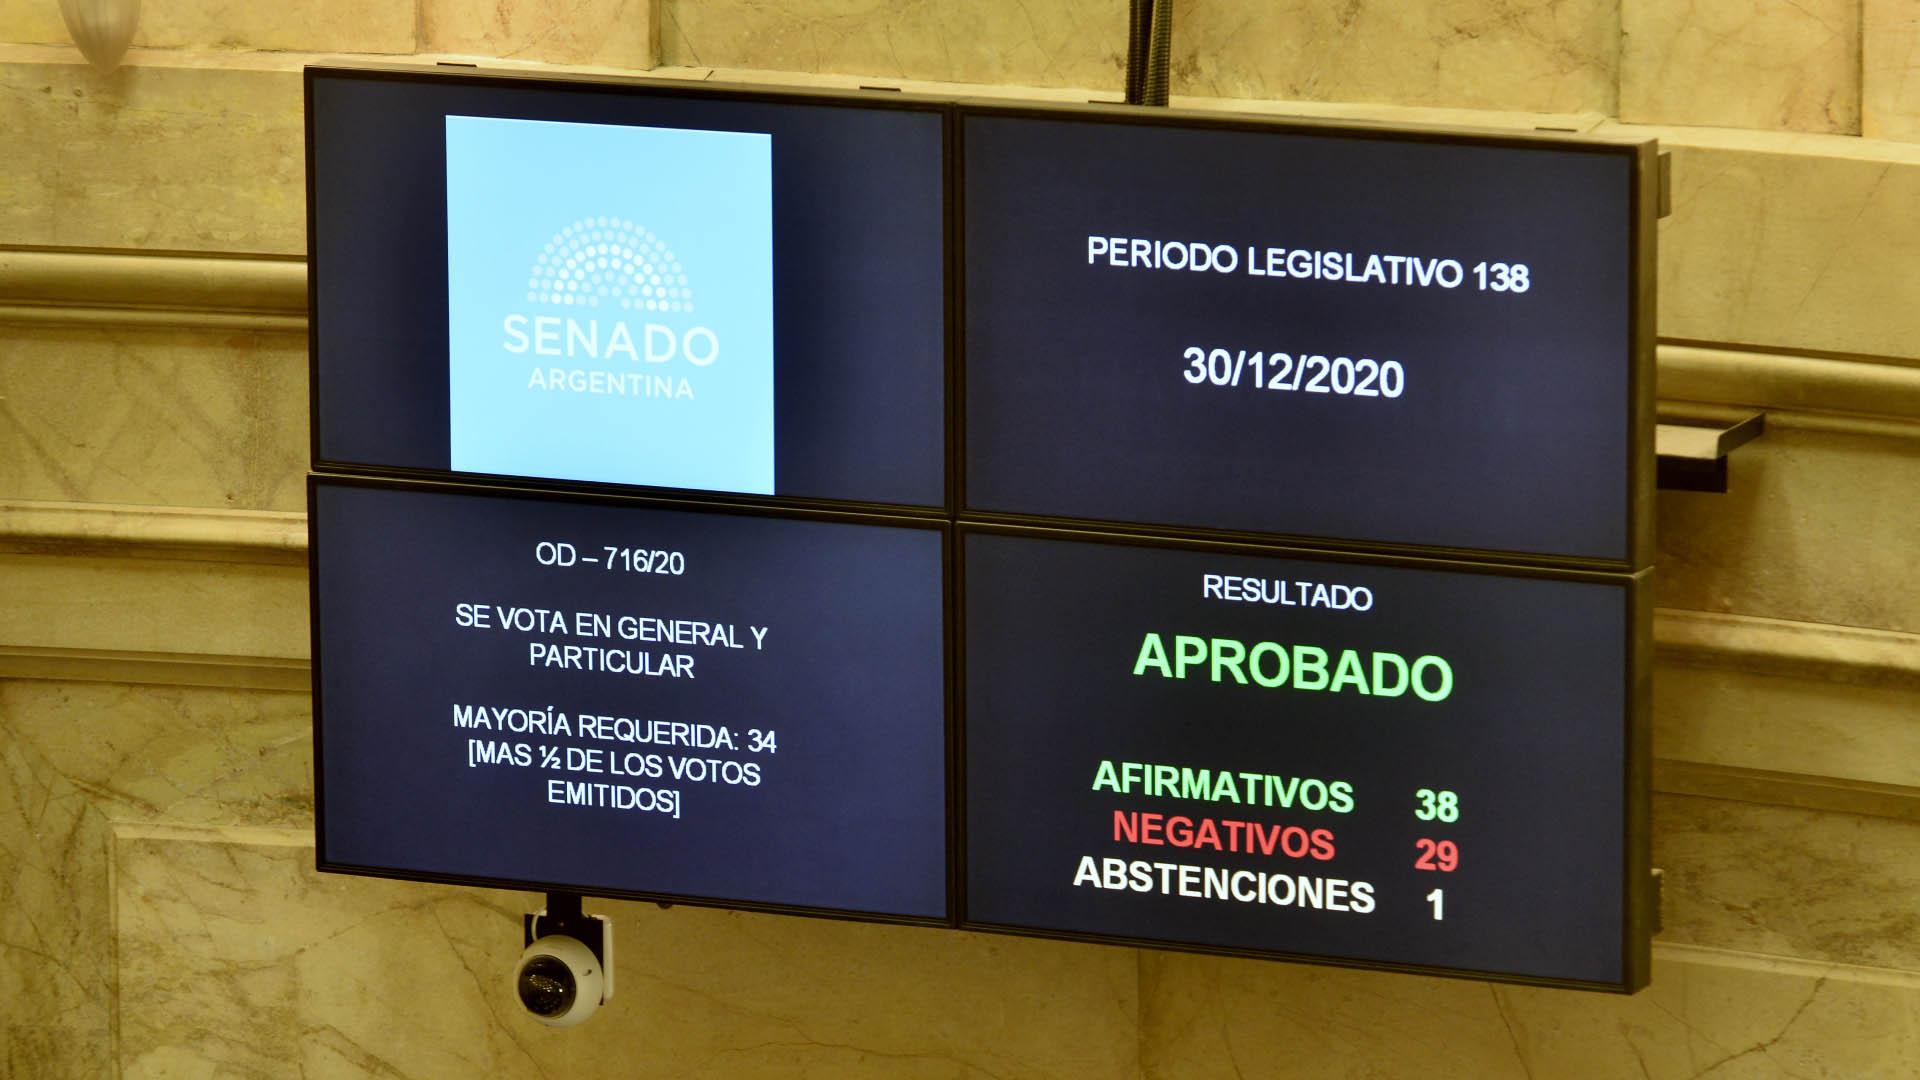 El Senado sancionó la legalización del aborto por una amplia diferencia